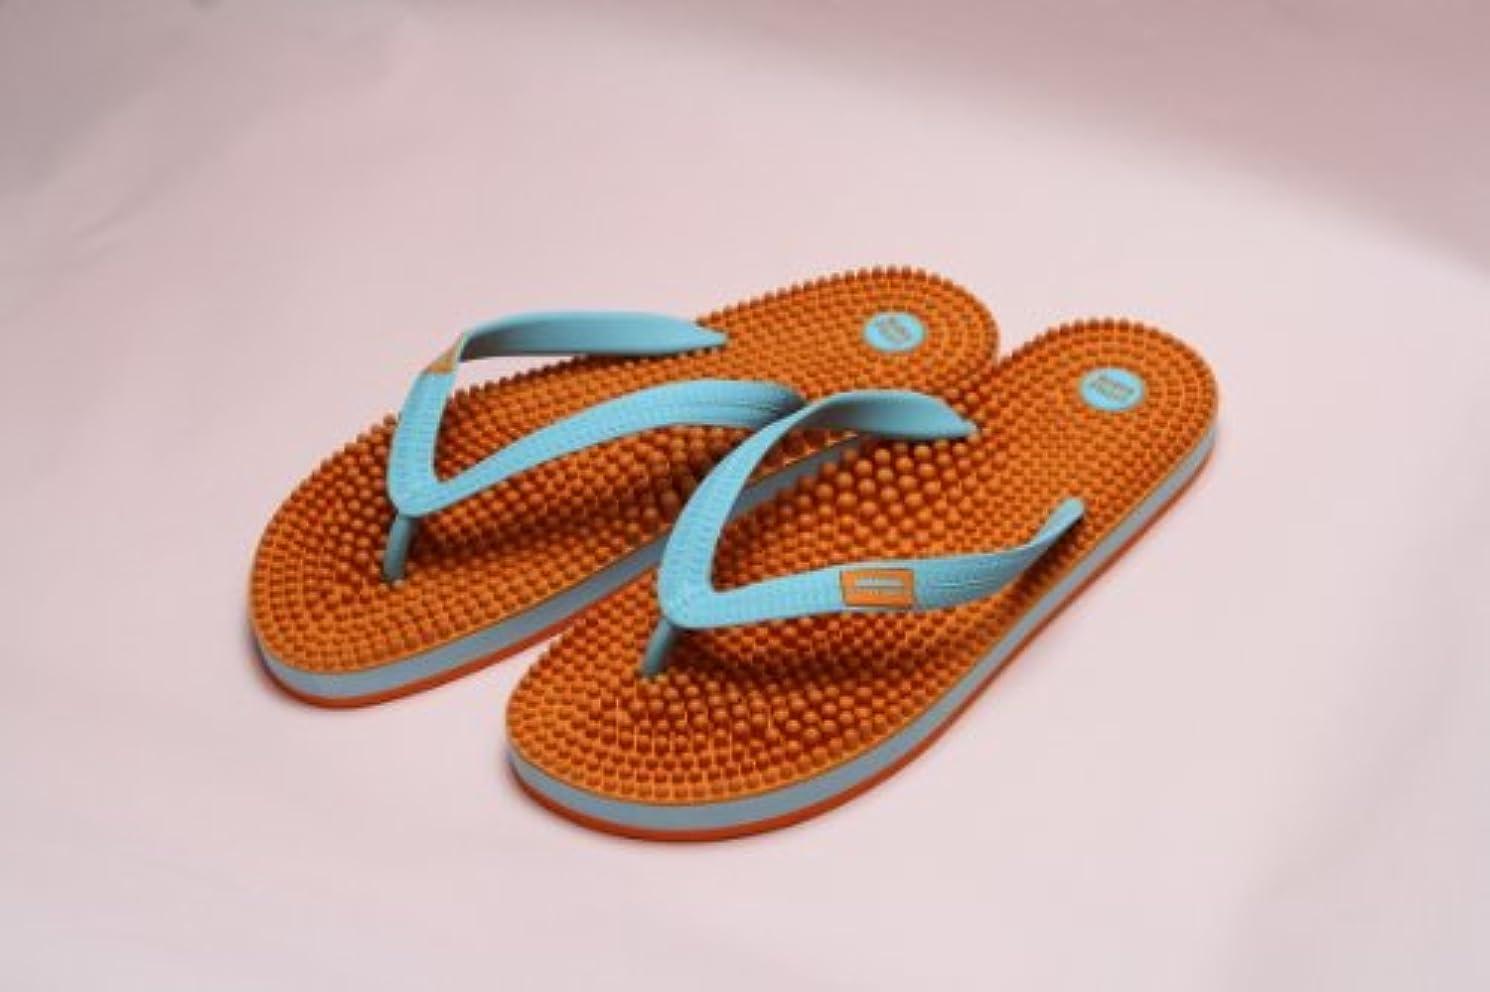 チューインガムディスコマーカーリトルアース ボディポップ(body+pop) ビーチ(BeacH) 5002 オレンジ/ターコイズ 23cm